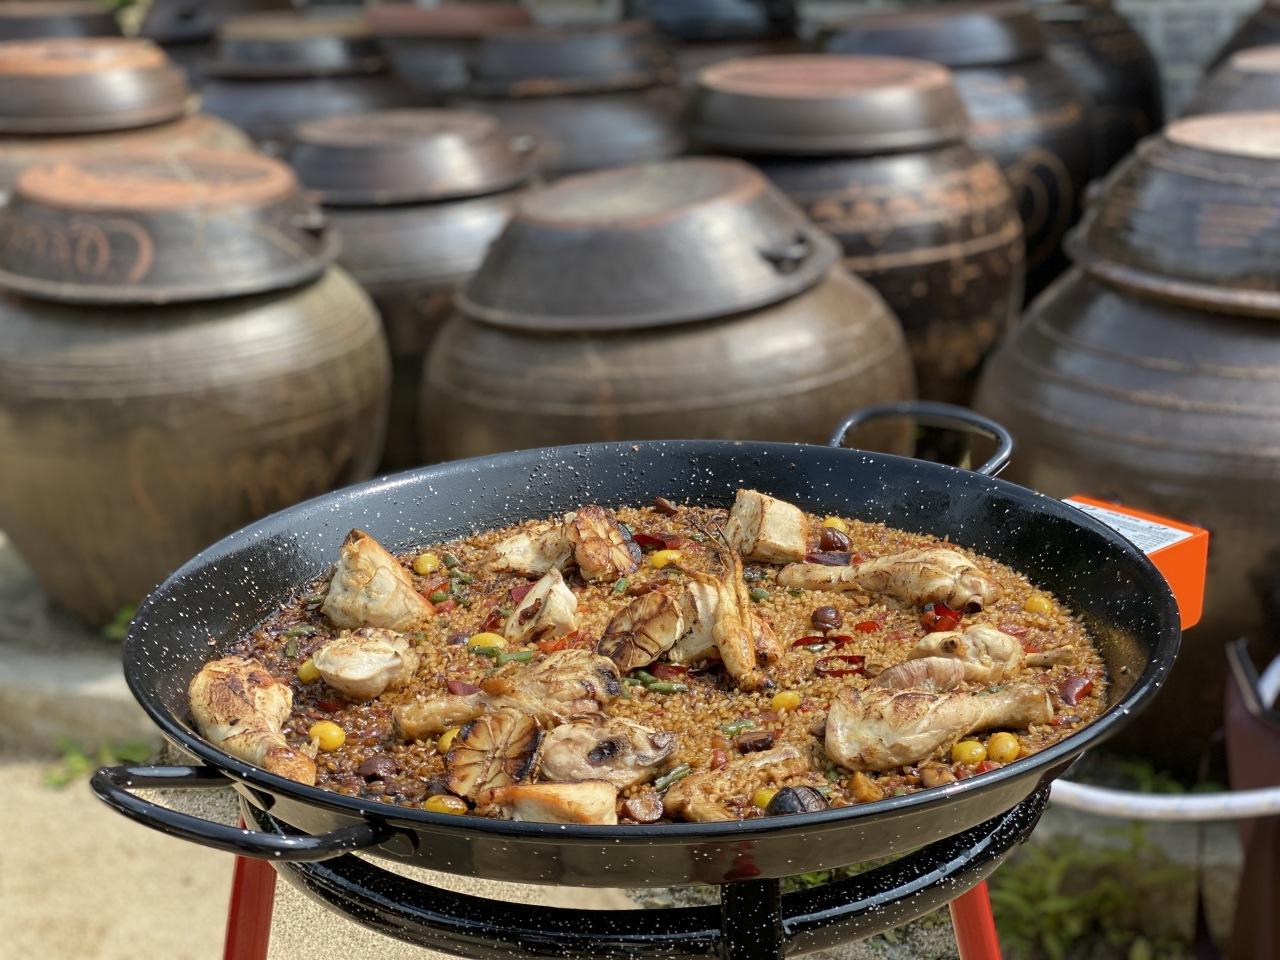 """The """"Samgye-paella"""" dish created and prepared by Lee Sang-hoon (Lee Sang-hoon)"""